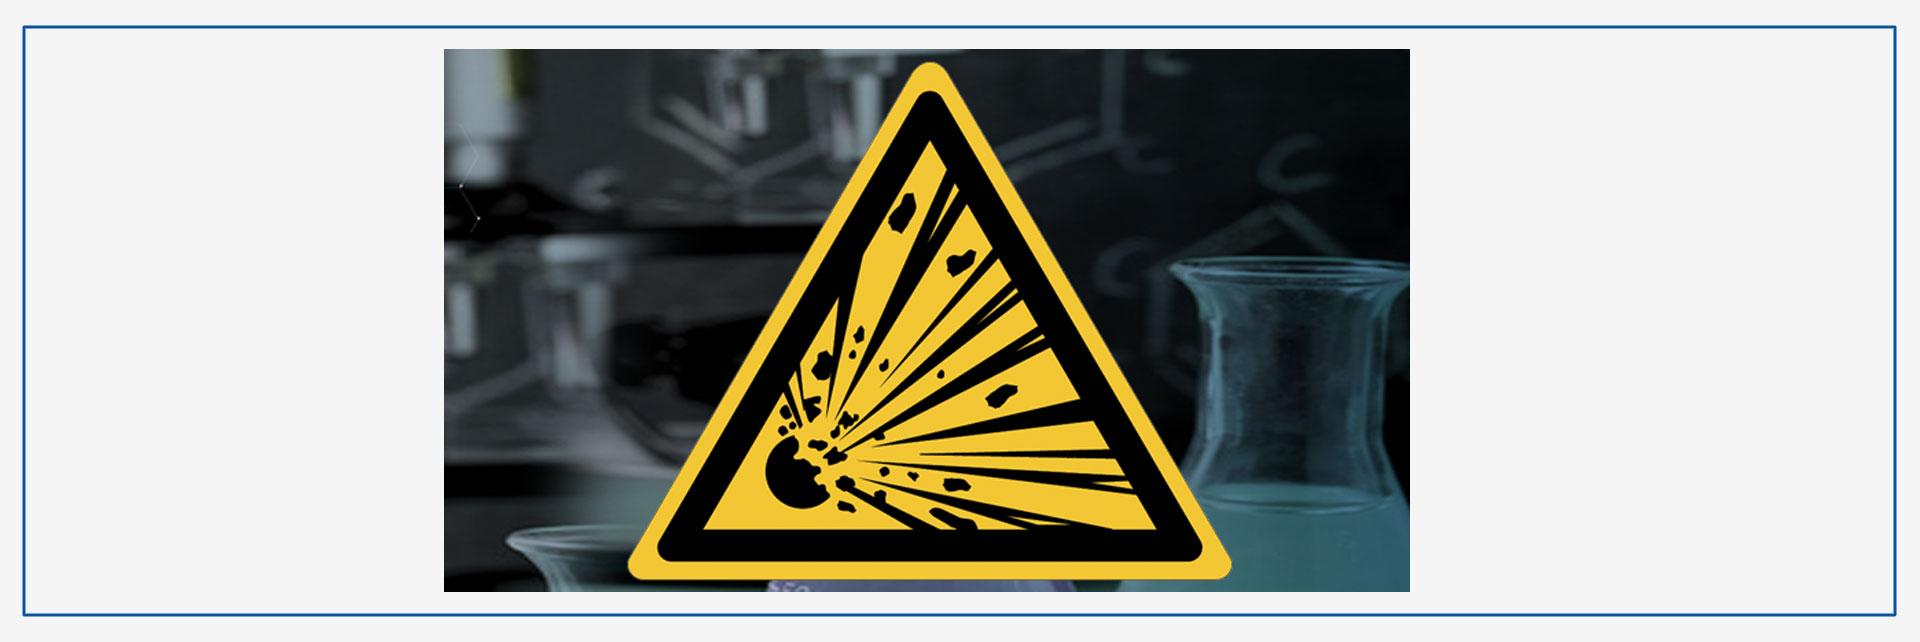 Regolamento UE N. 2019/1148 relativo all'immissione sul mercato e all'uso di precursori di esplosivi